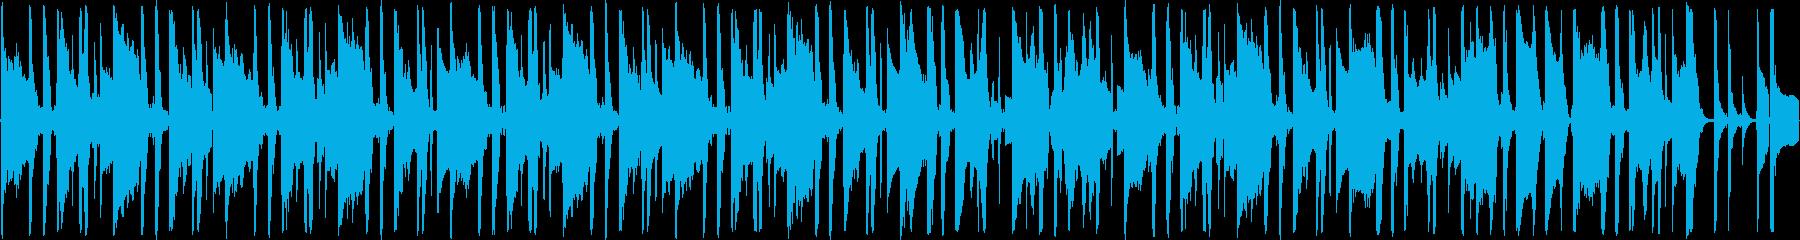 ファンキーでルーズな雰囲気のBGMの再生済みの波形